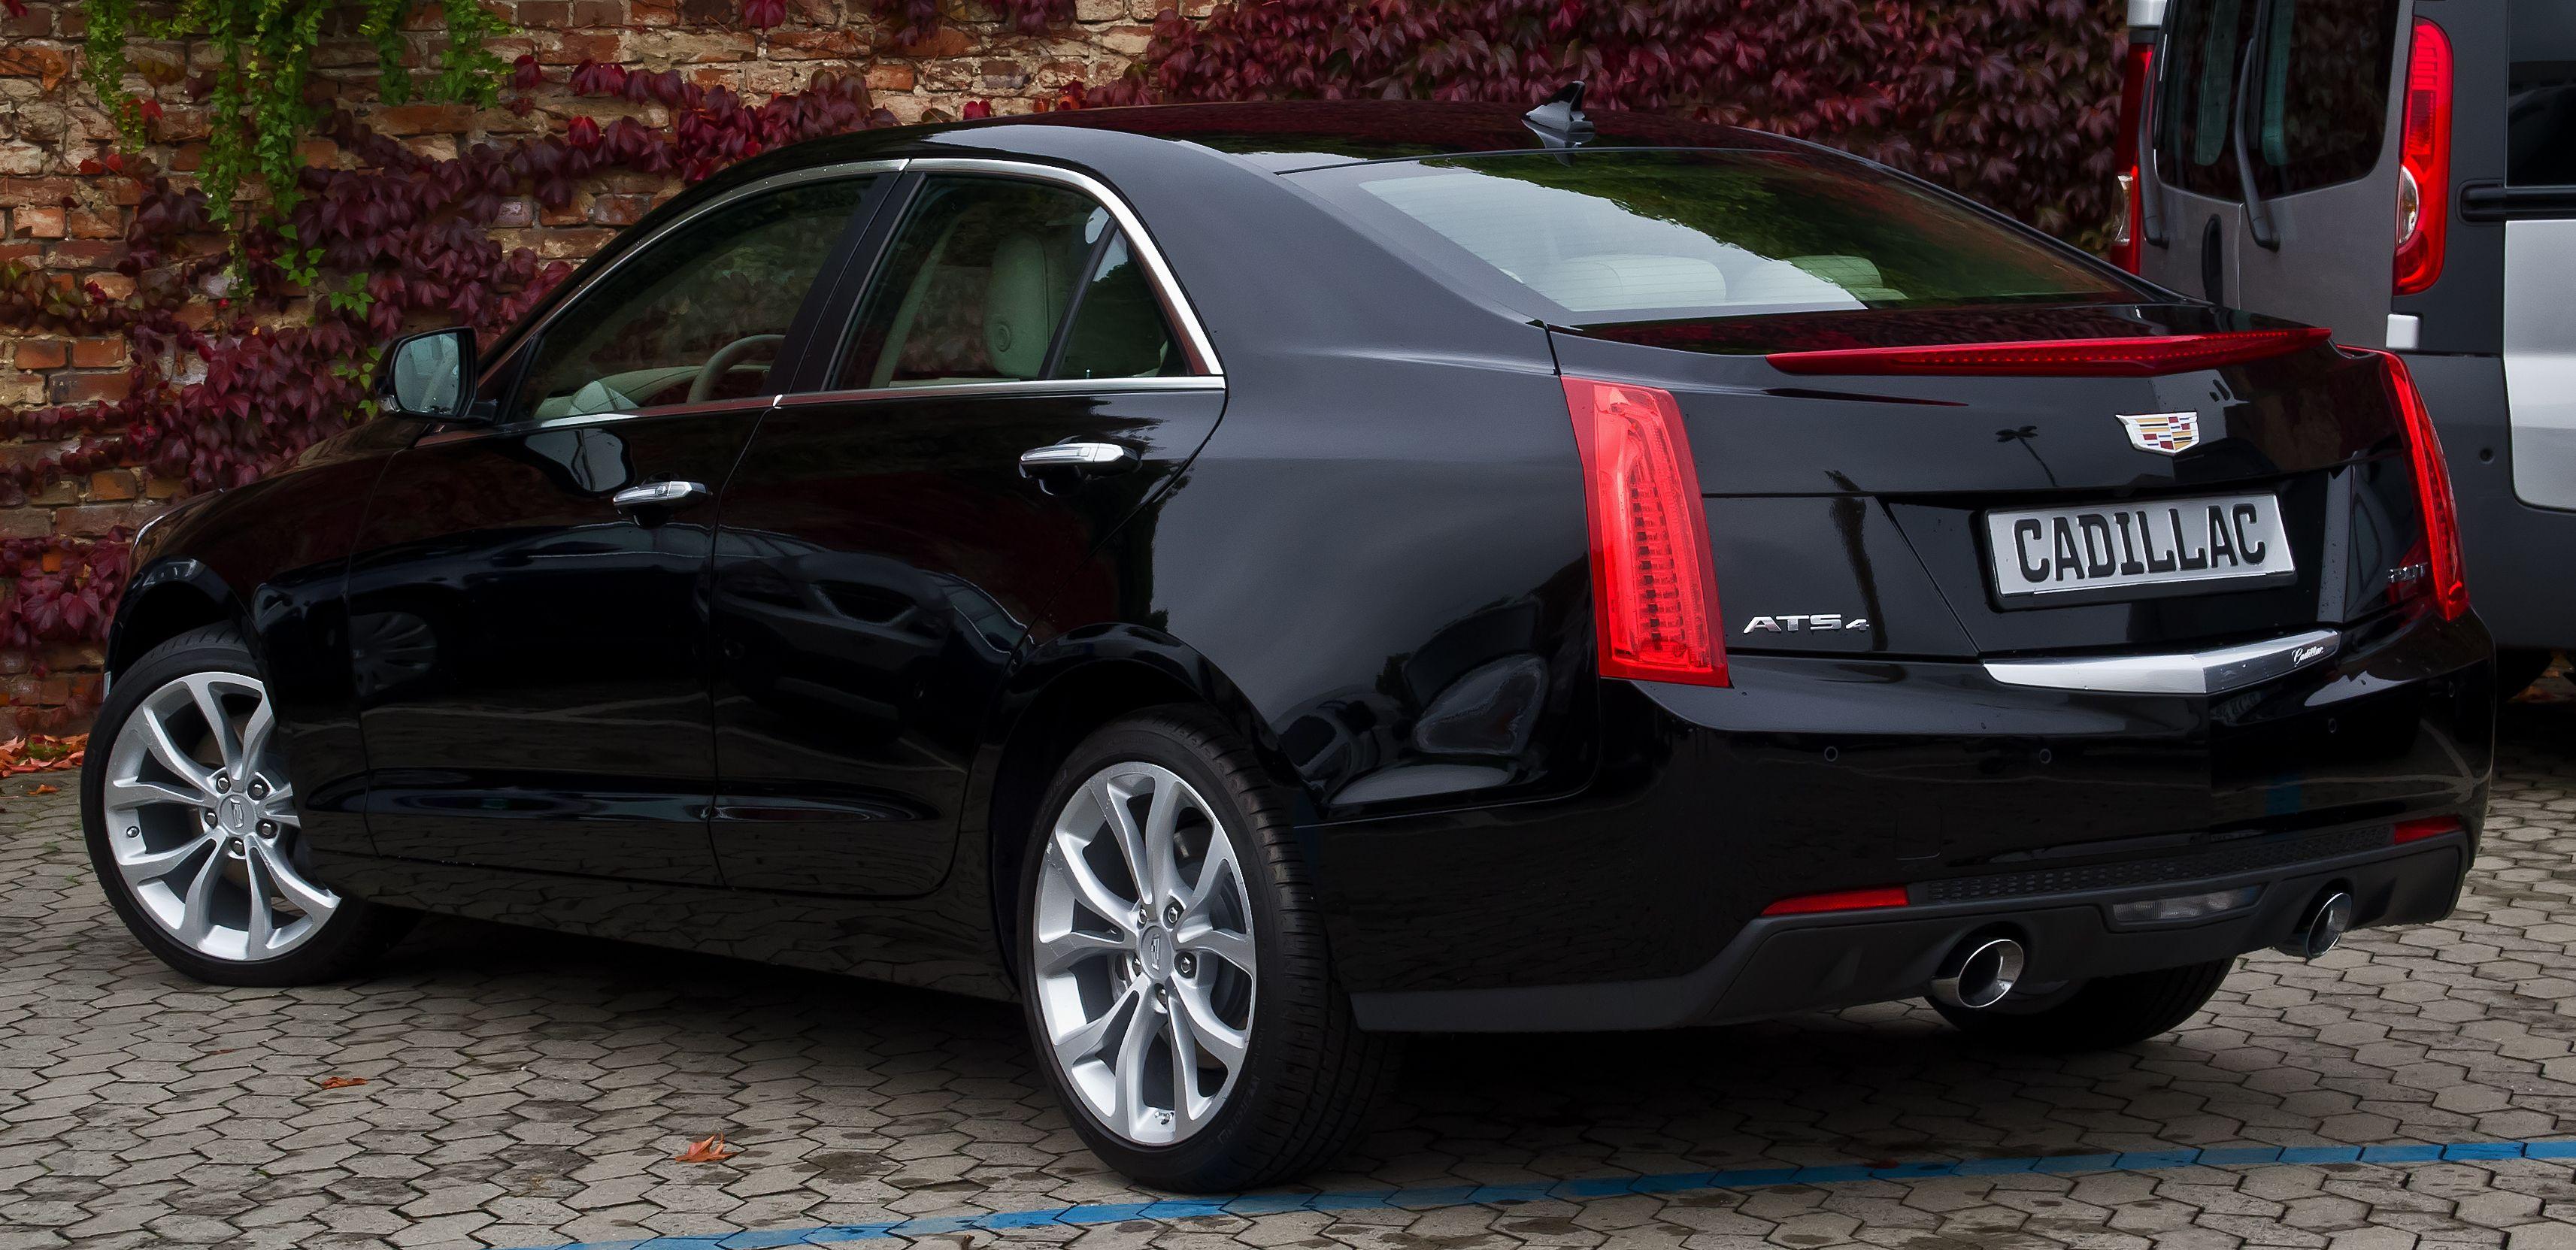 Cadillac ATS Asphalt8 car Pinterest